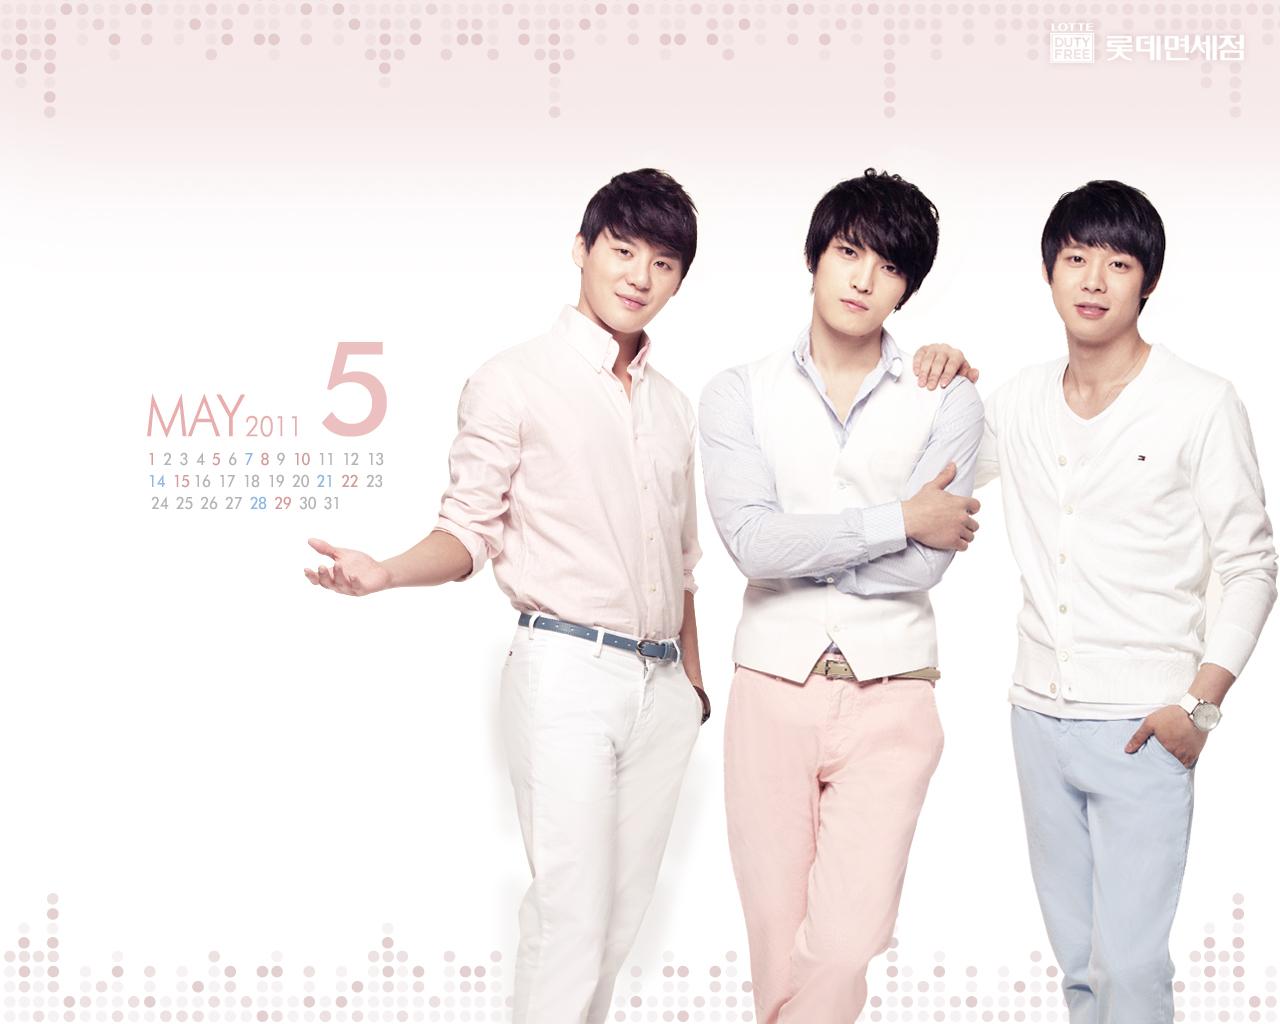 http://1.bp.blogspot.com/-iuFvc_Pdu-I/Tbz_Mnq4qvI/AAAAAAAAAjo/KBZ2i70wbSs/s1600/JYJ-LOTTE-Duty-Free-Calendar-MAY-2011.jpg